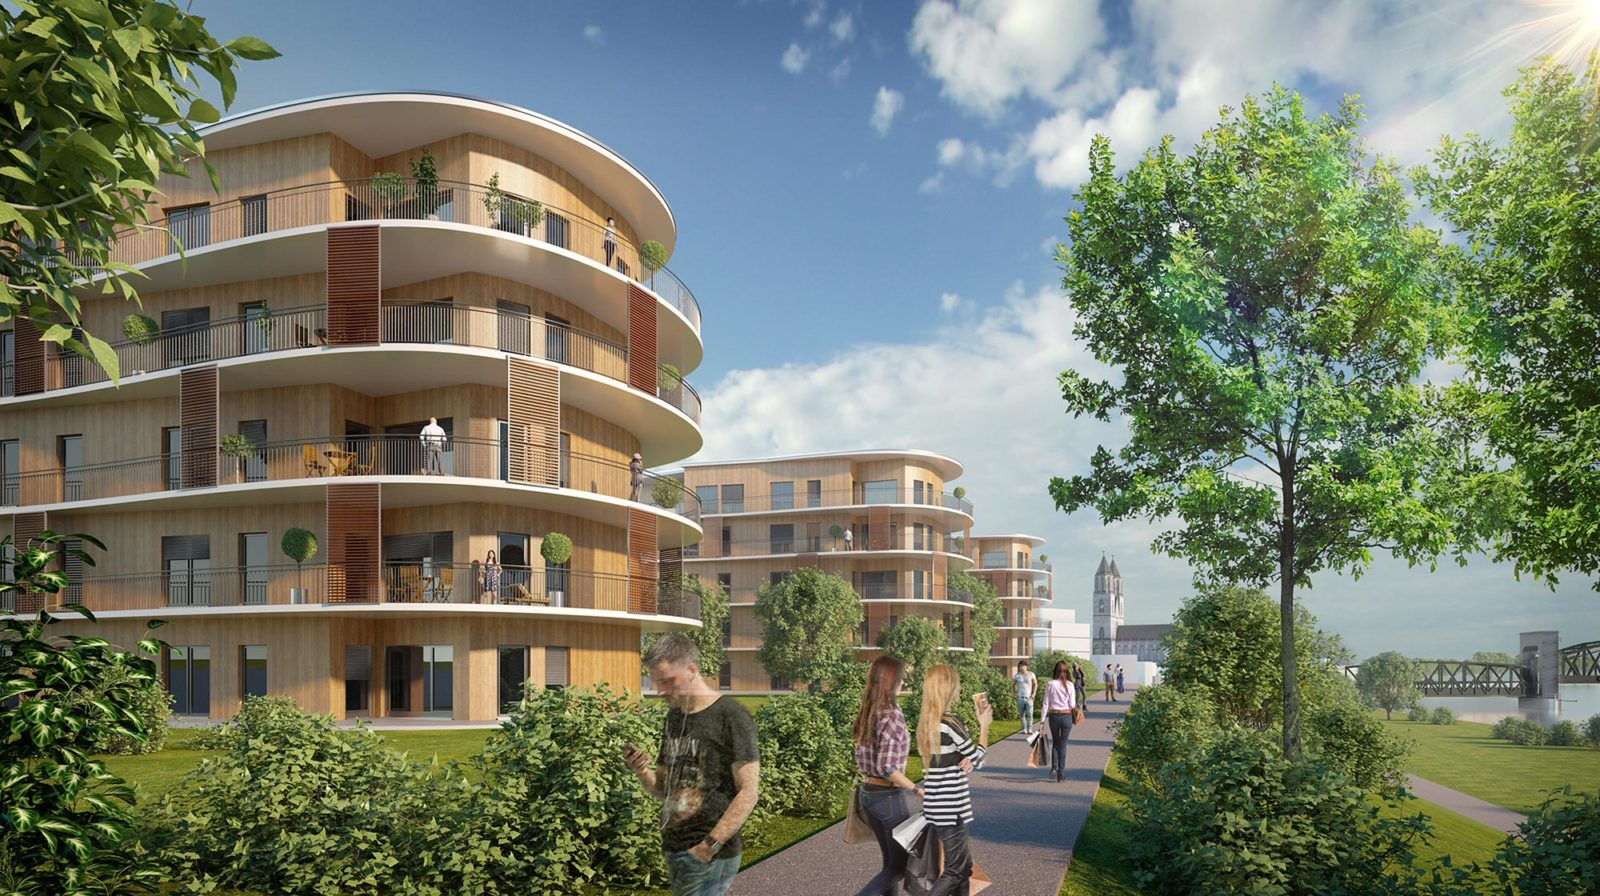 Kavalier an der Elbe - Architekturvisualisierung  Aussen